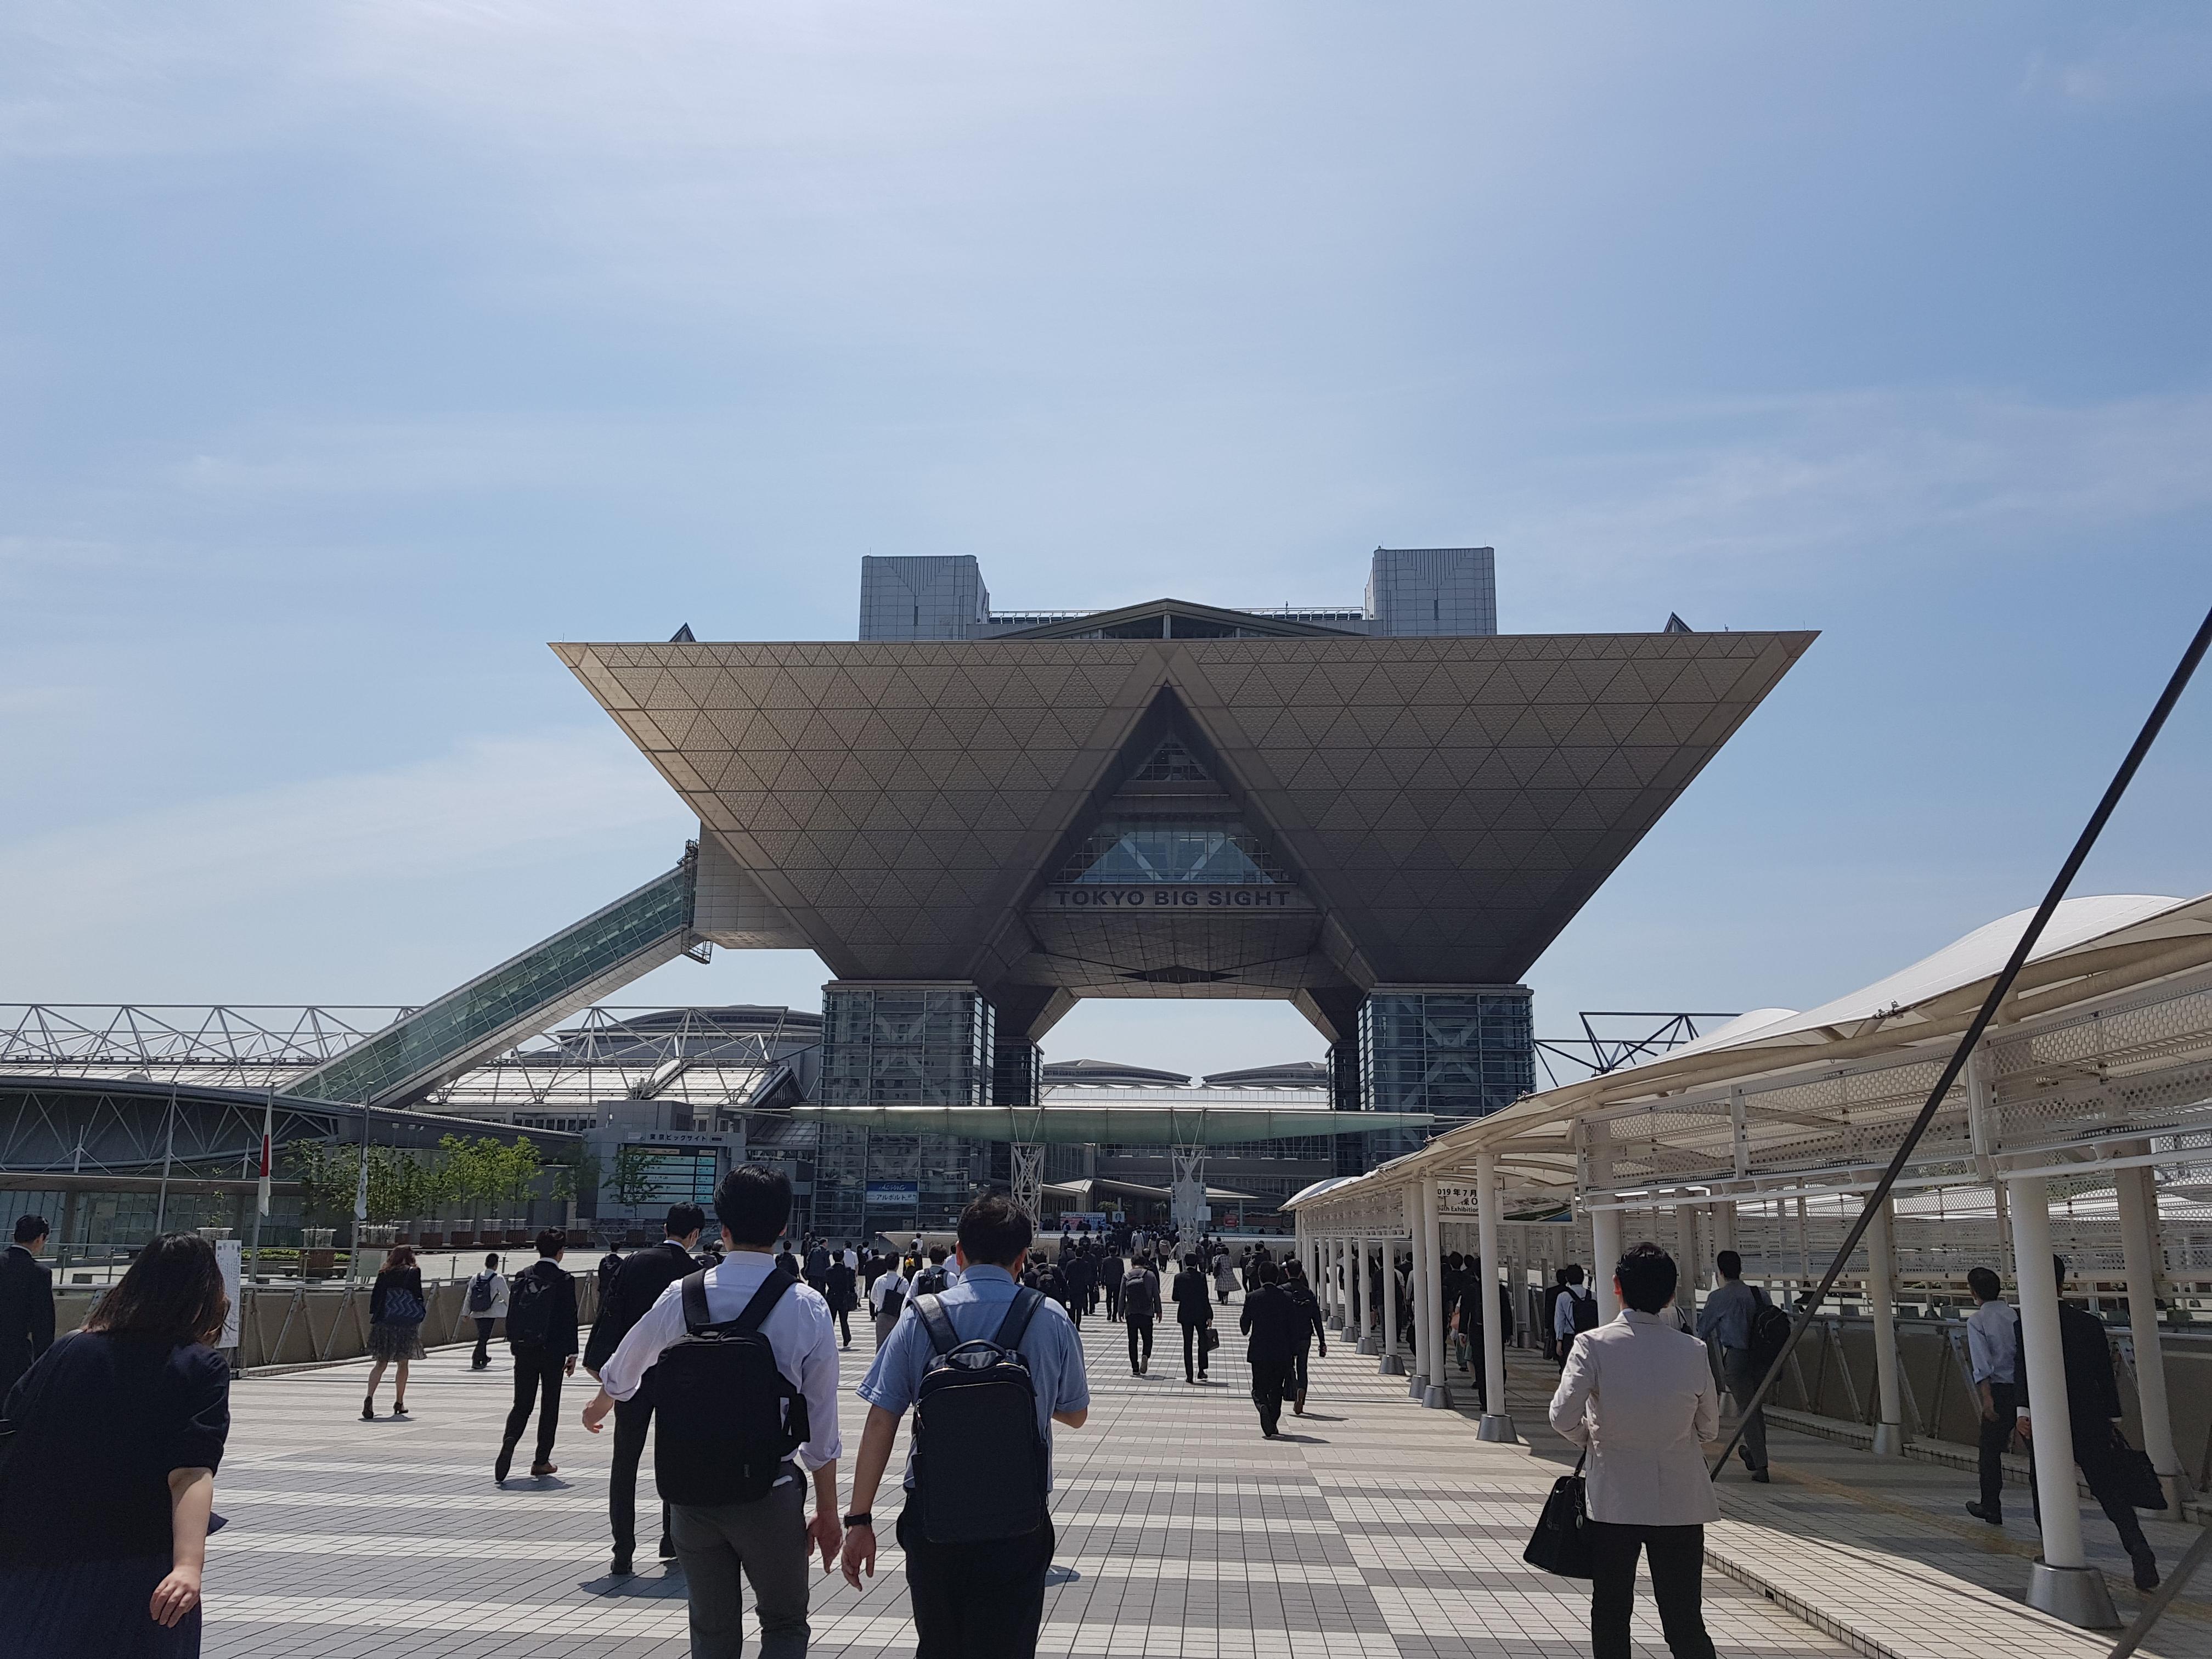 이파피루스, 일본에 진출하다! - Japan IT Week 2019 이미지